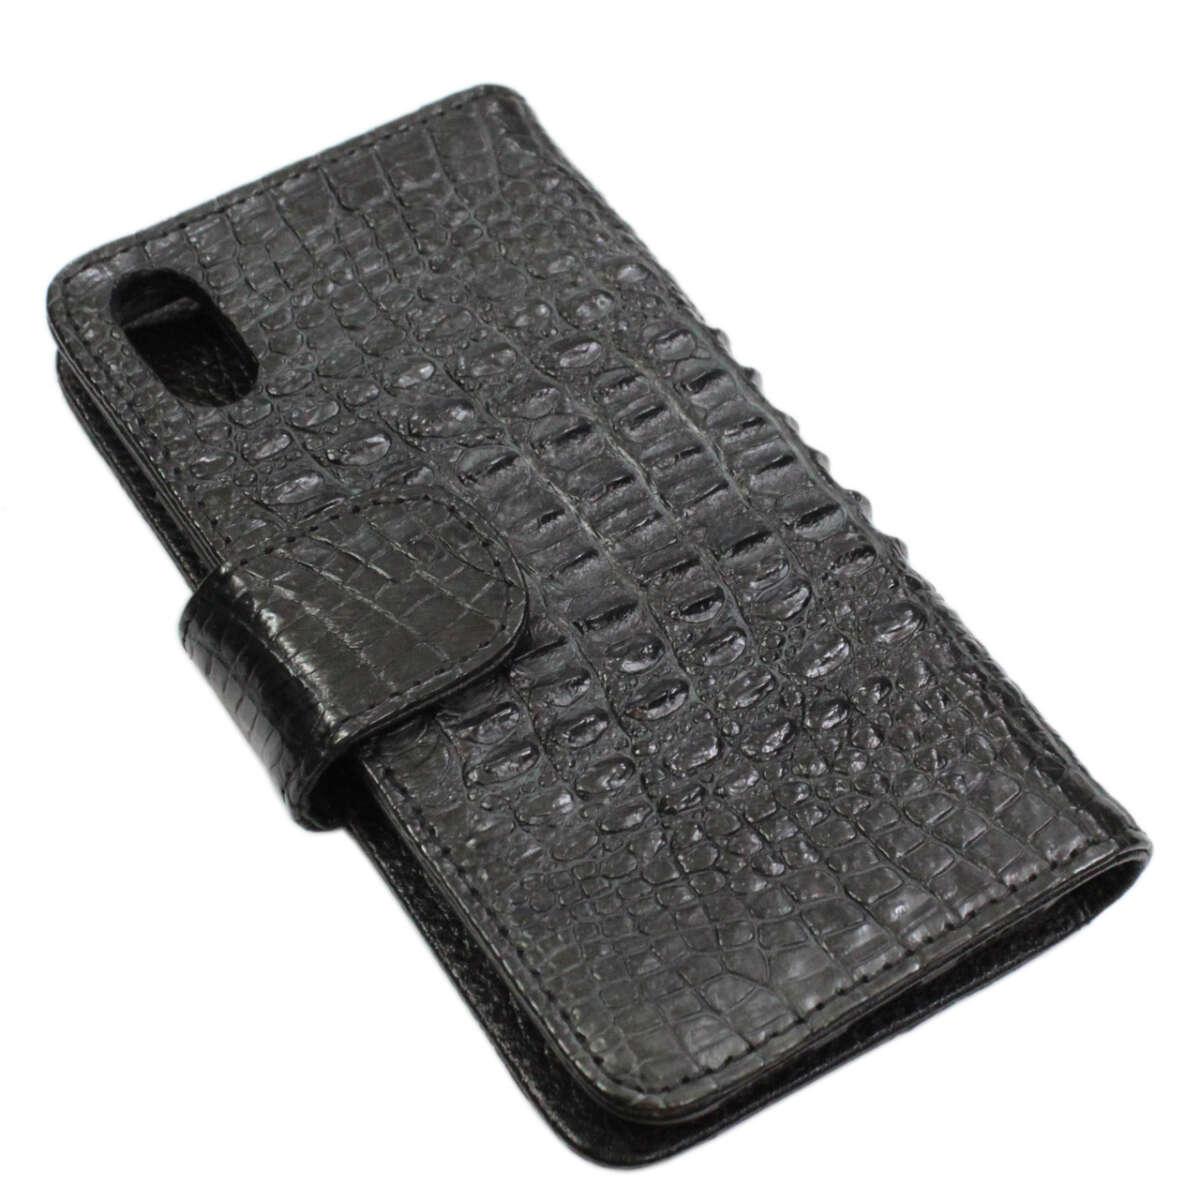 Ốp lưng dạng ví iPhone X/Xs da cá sấu S1041a